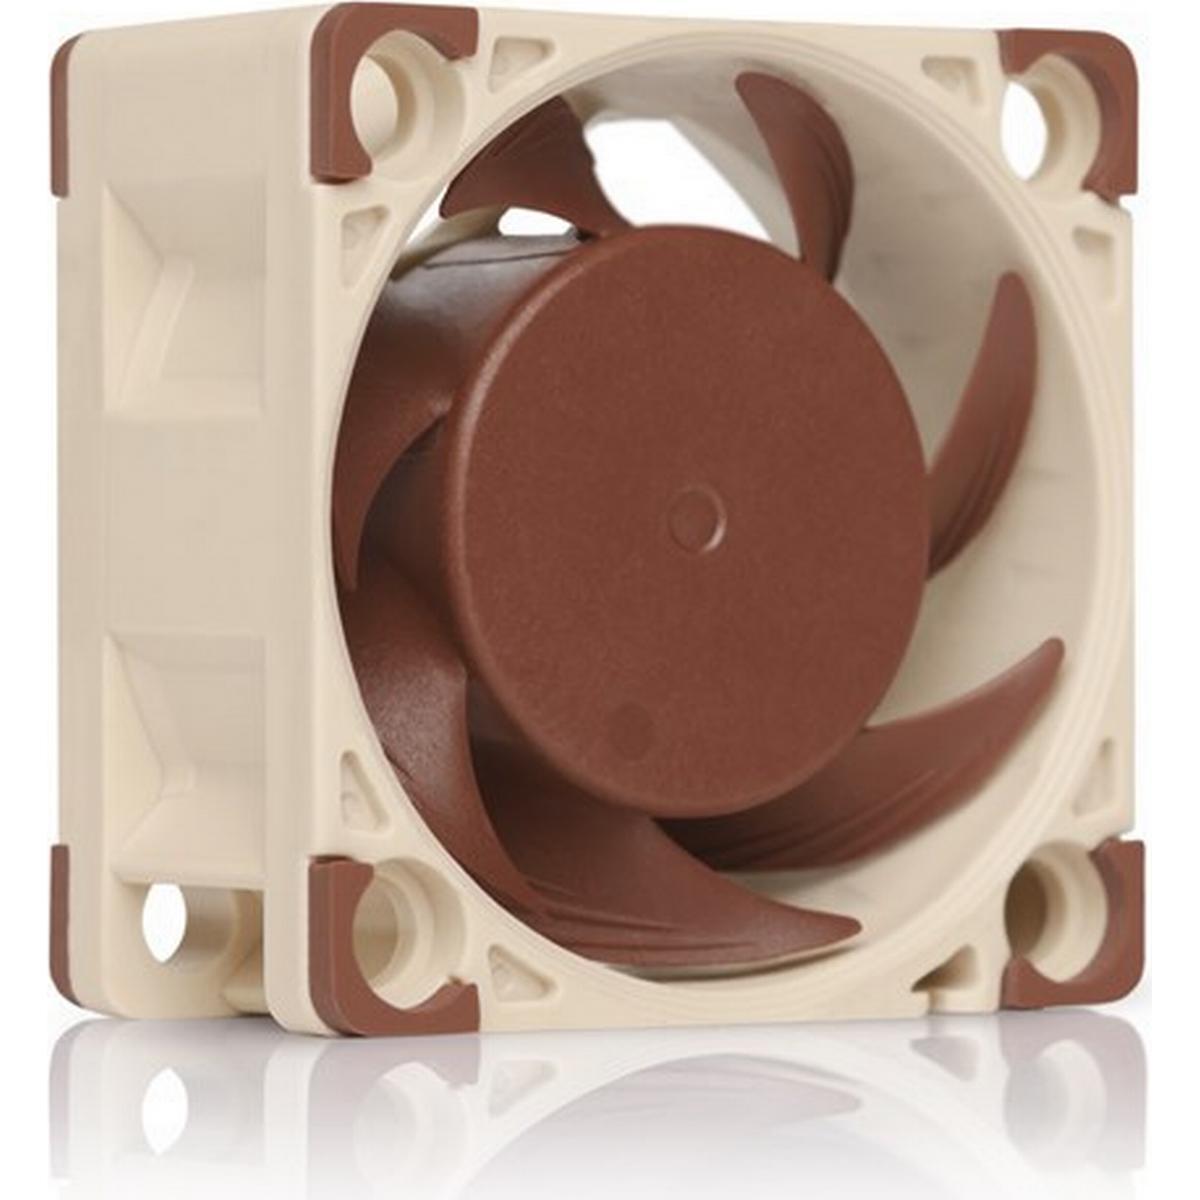 Supermicro Computer Cooling Fan FAN-0154L4